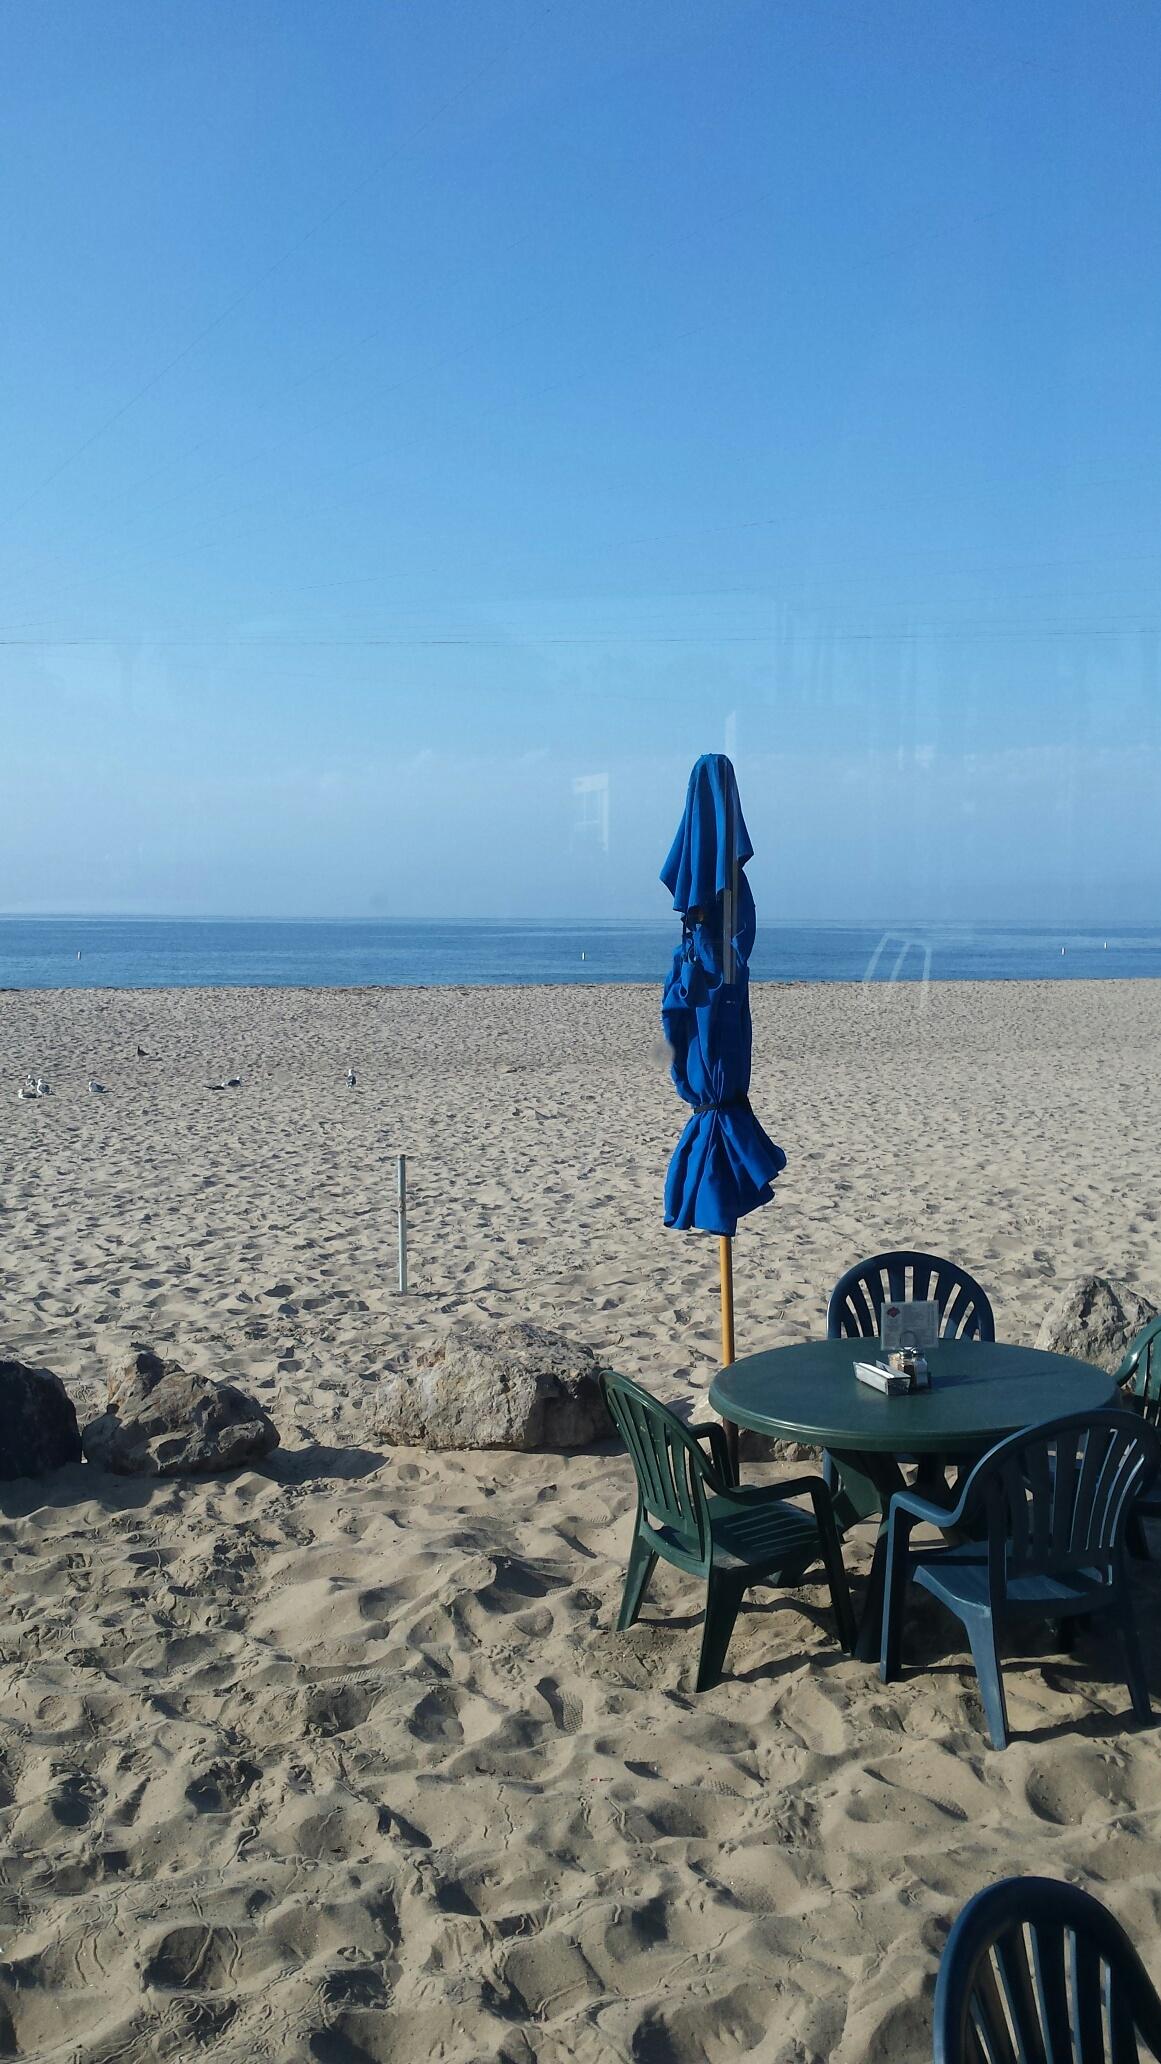 Shorelinecafe